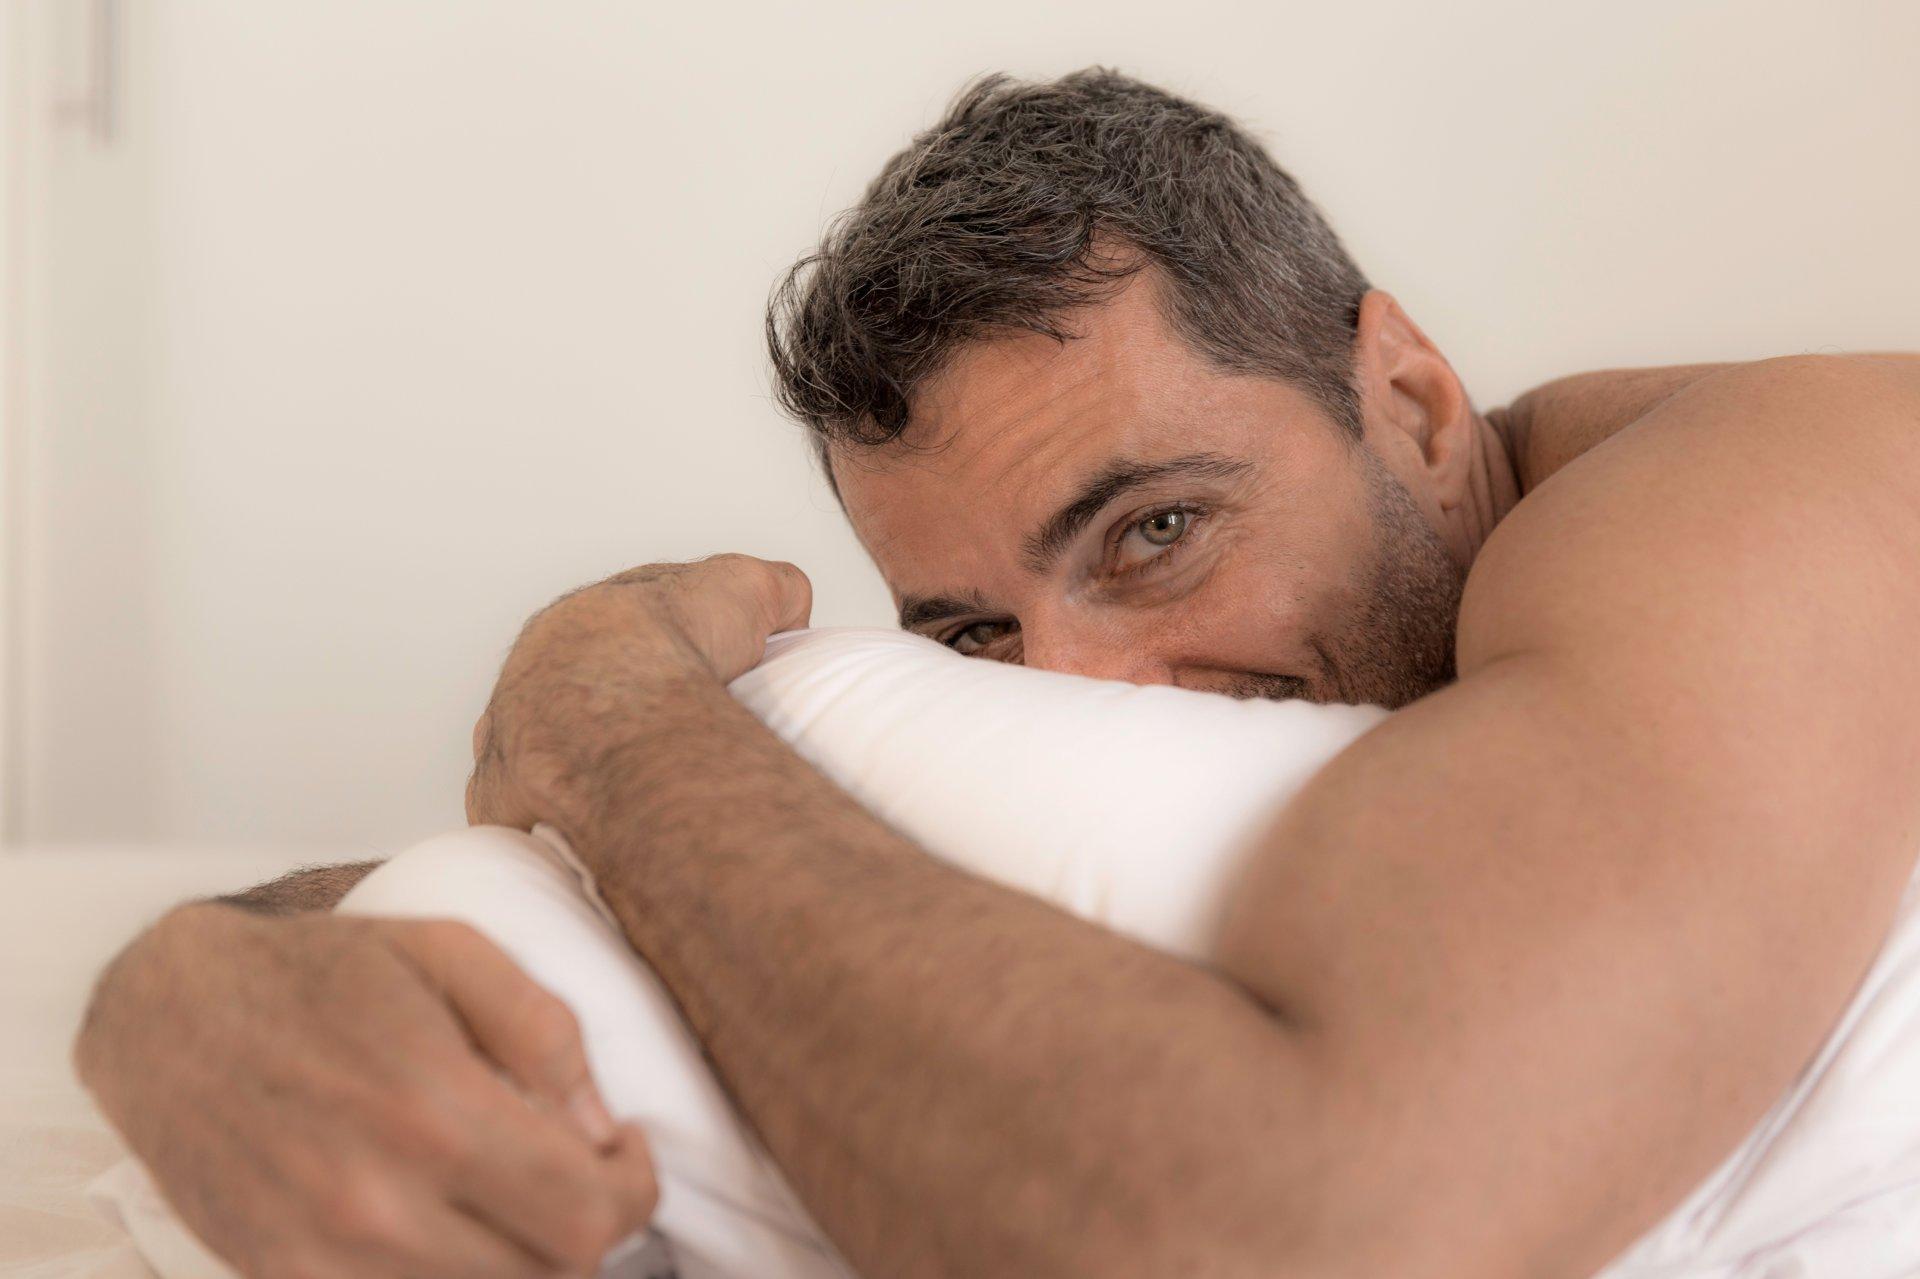 kaip išprovokuoti erekciją penes milziniski dydziai